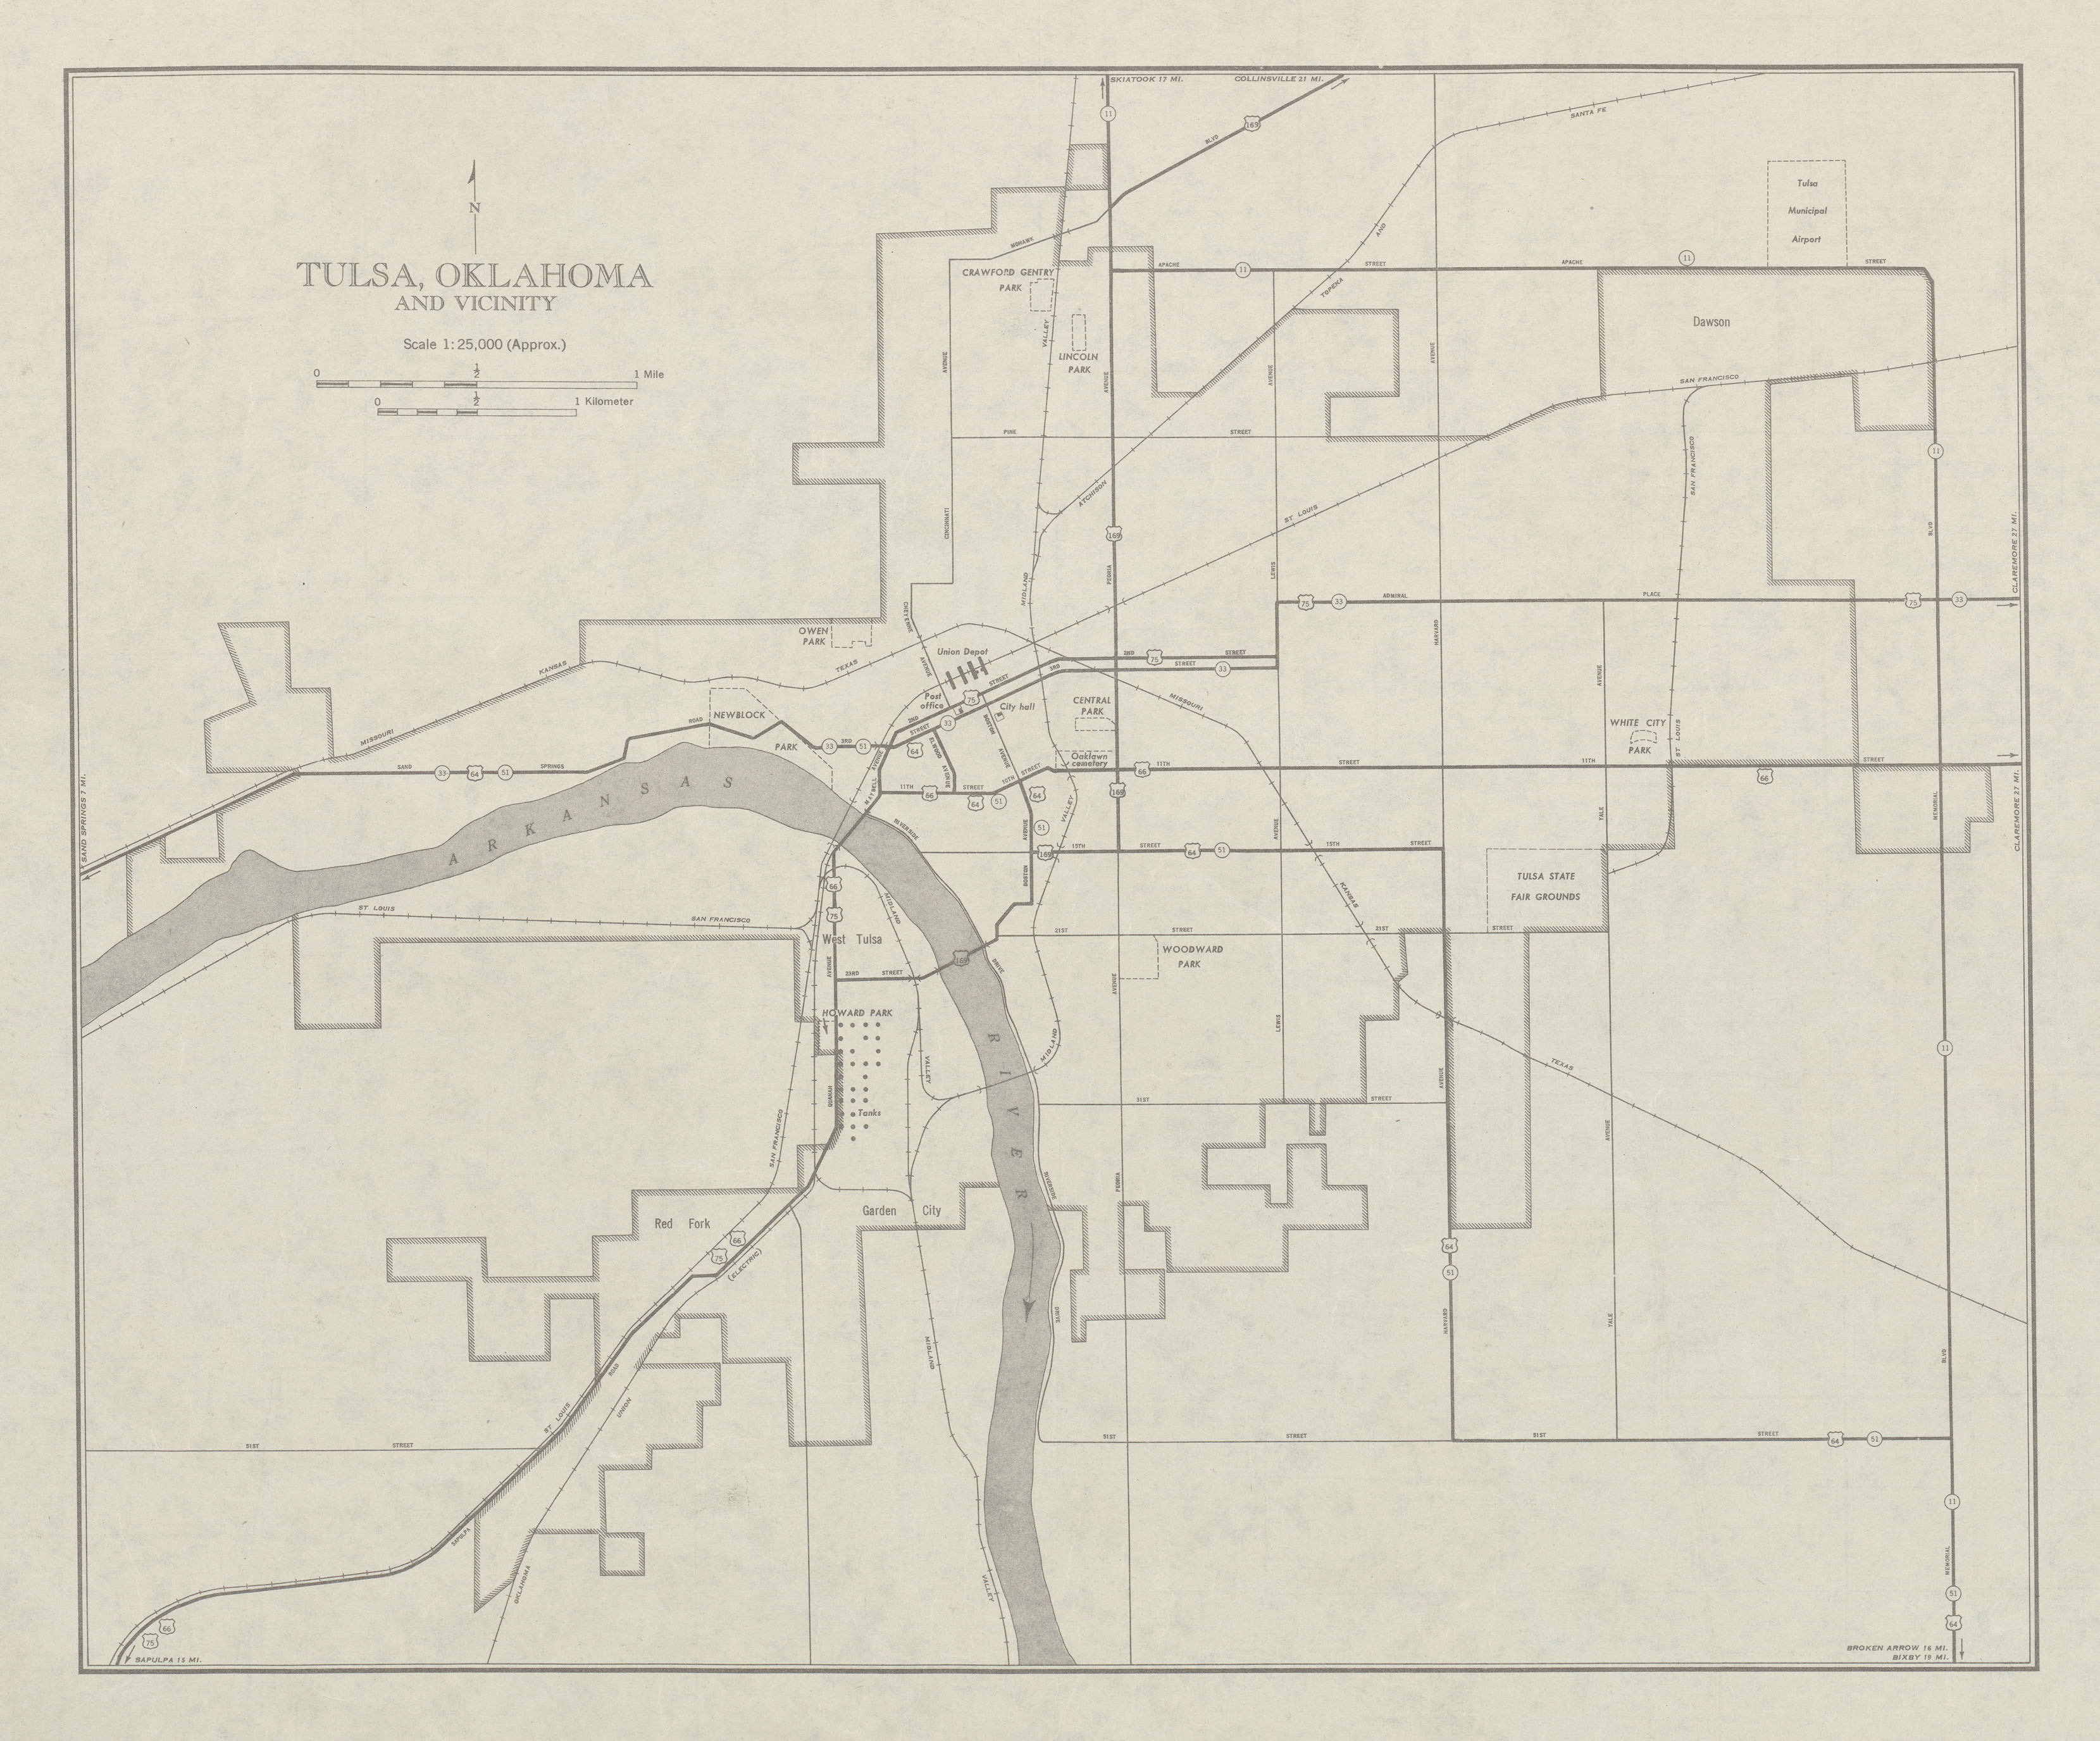 Mapa de la Ciudad de Tulsa y Cercanías, Oklahoma, Estados Unidos 1947